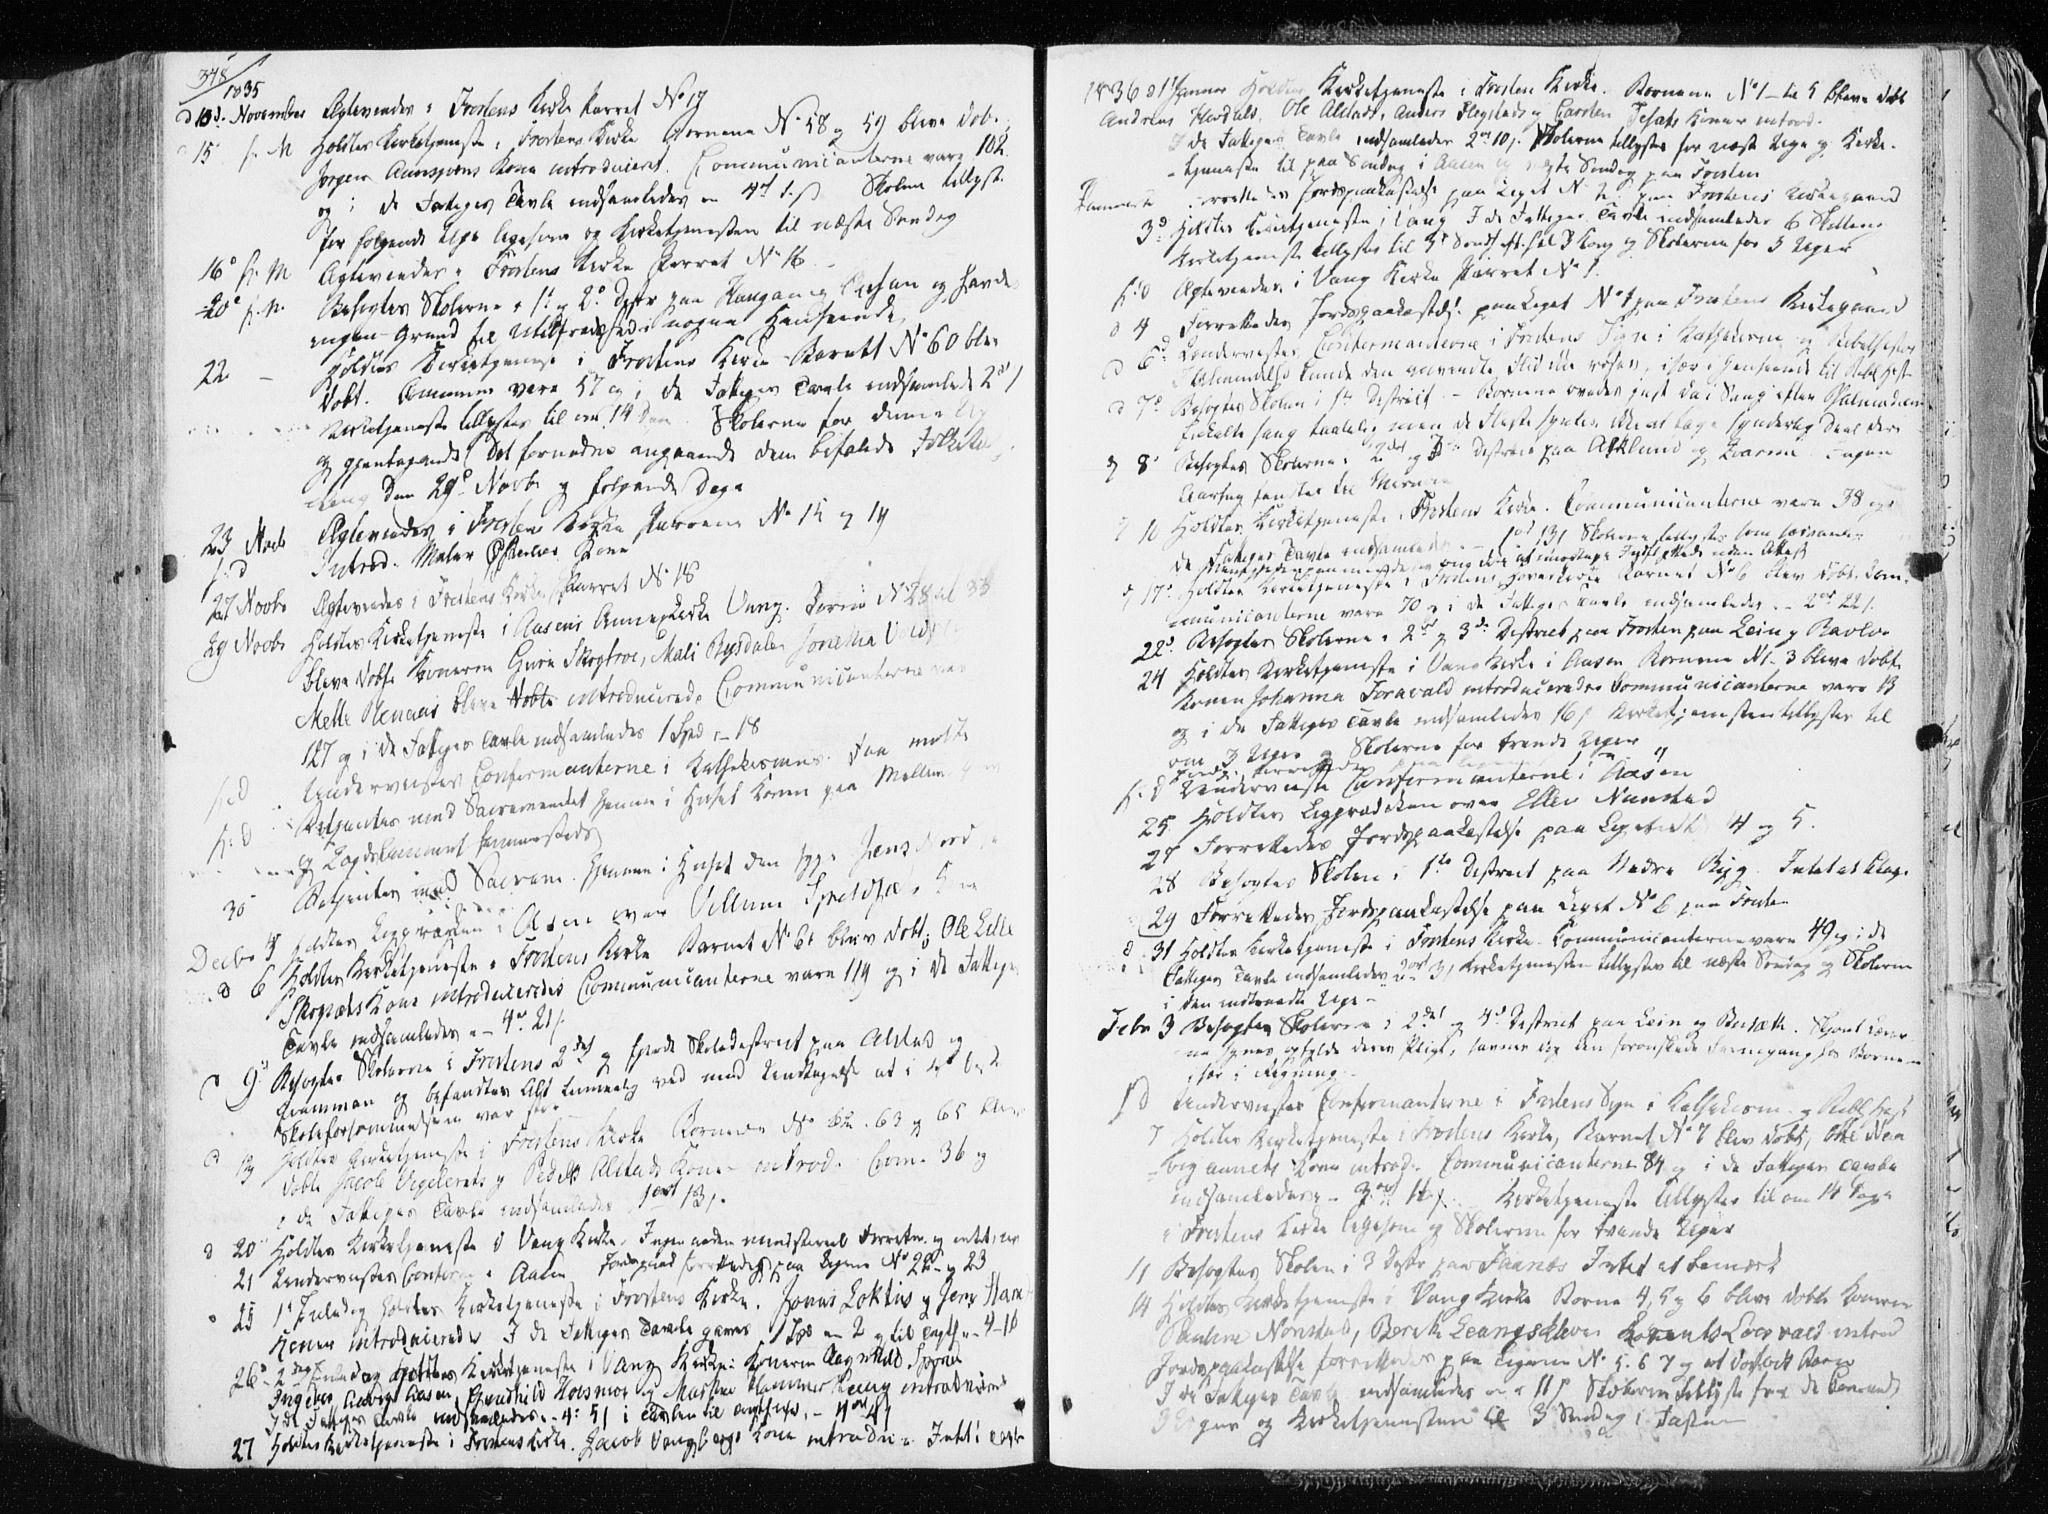 SAT, Ministerialprotokoller, klokkerbøker og fødselsregistre - Nord-Trøndelag, 713/L0114: Ministerialbok nr. 713A05, 1827-1839, s. 348